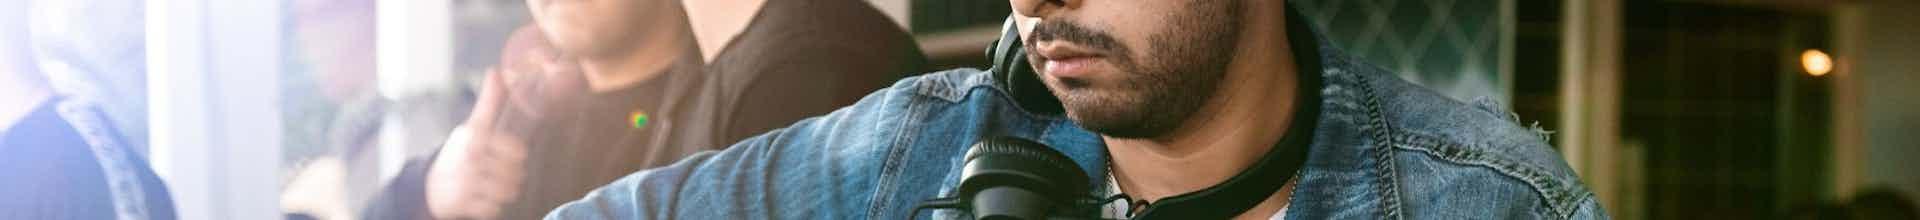 man-using-dj-controller-1649693